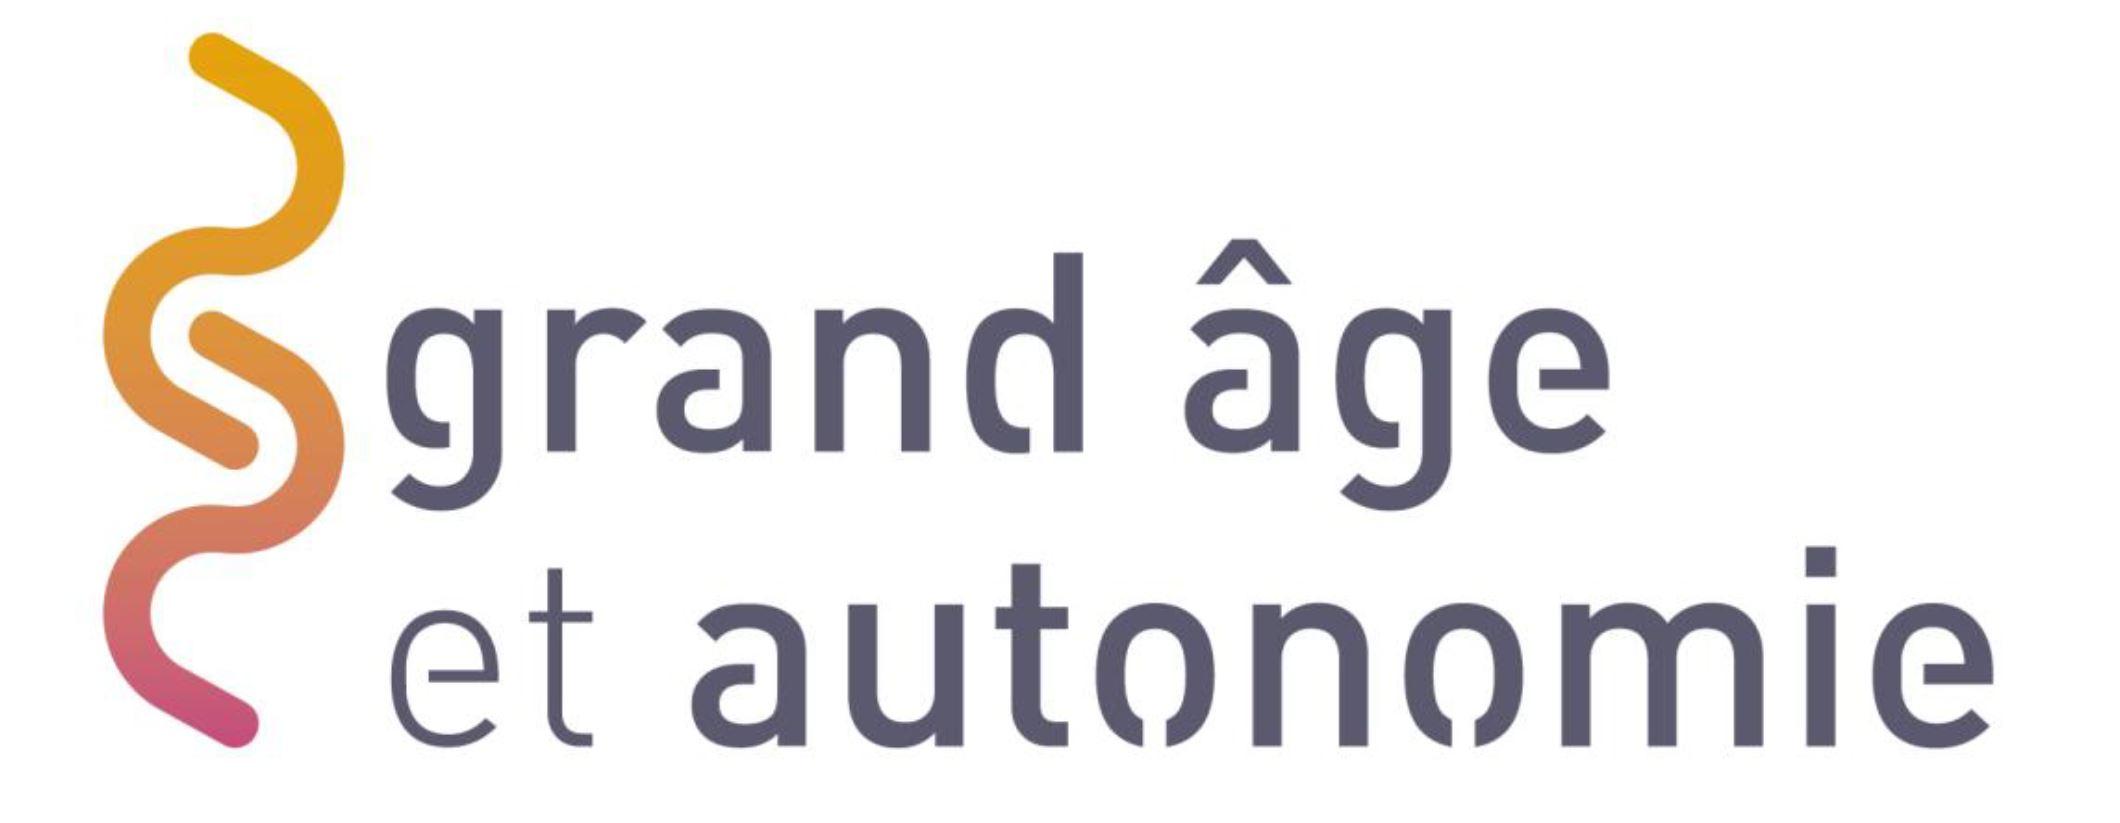 360 millions d'euros supplémentaires de 2019 à 2021 pour les EHPAD